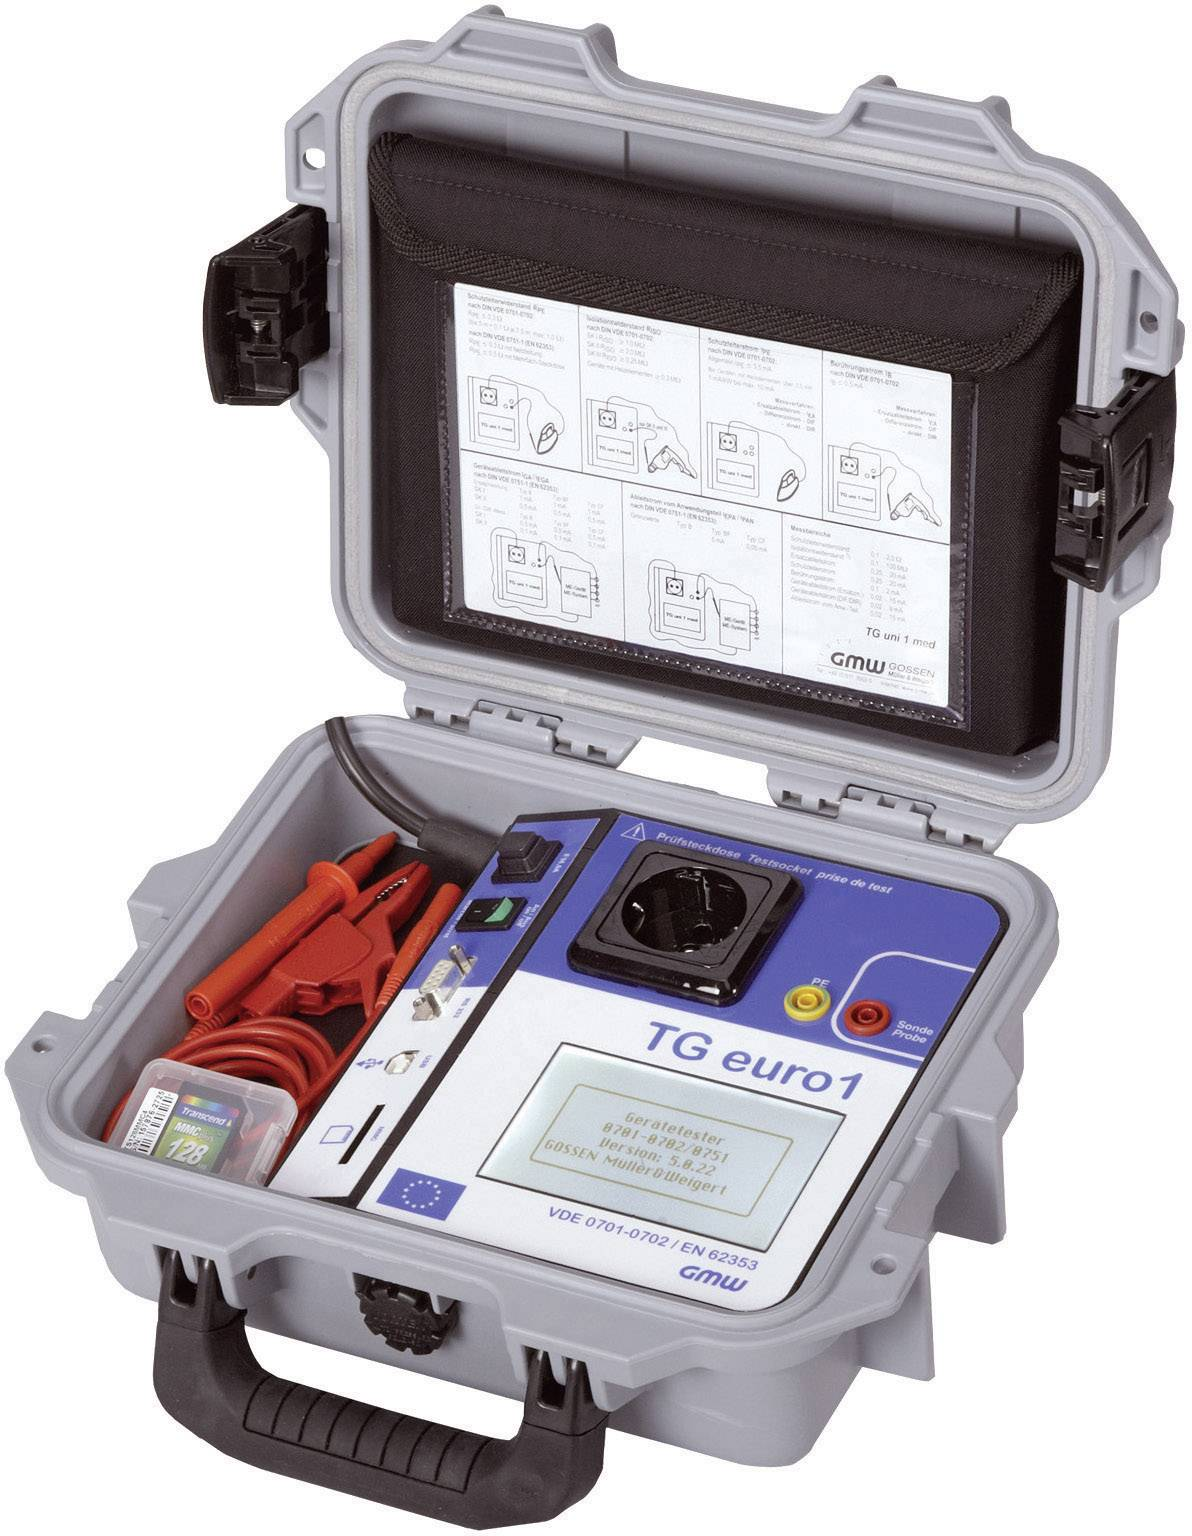 Tester spotrebičov GMW TG euro1, 61000 00600